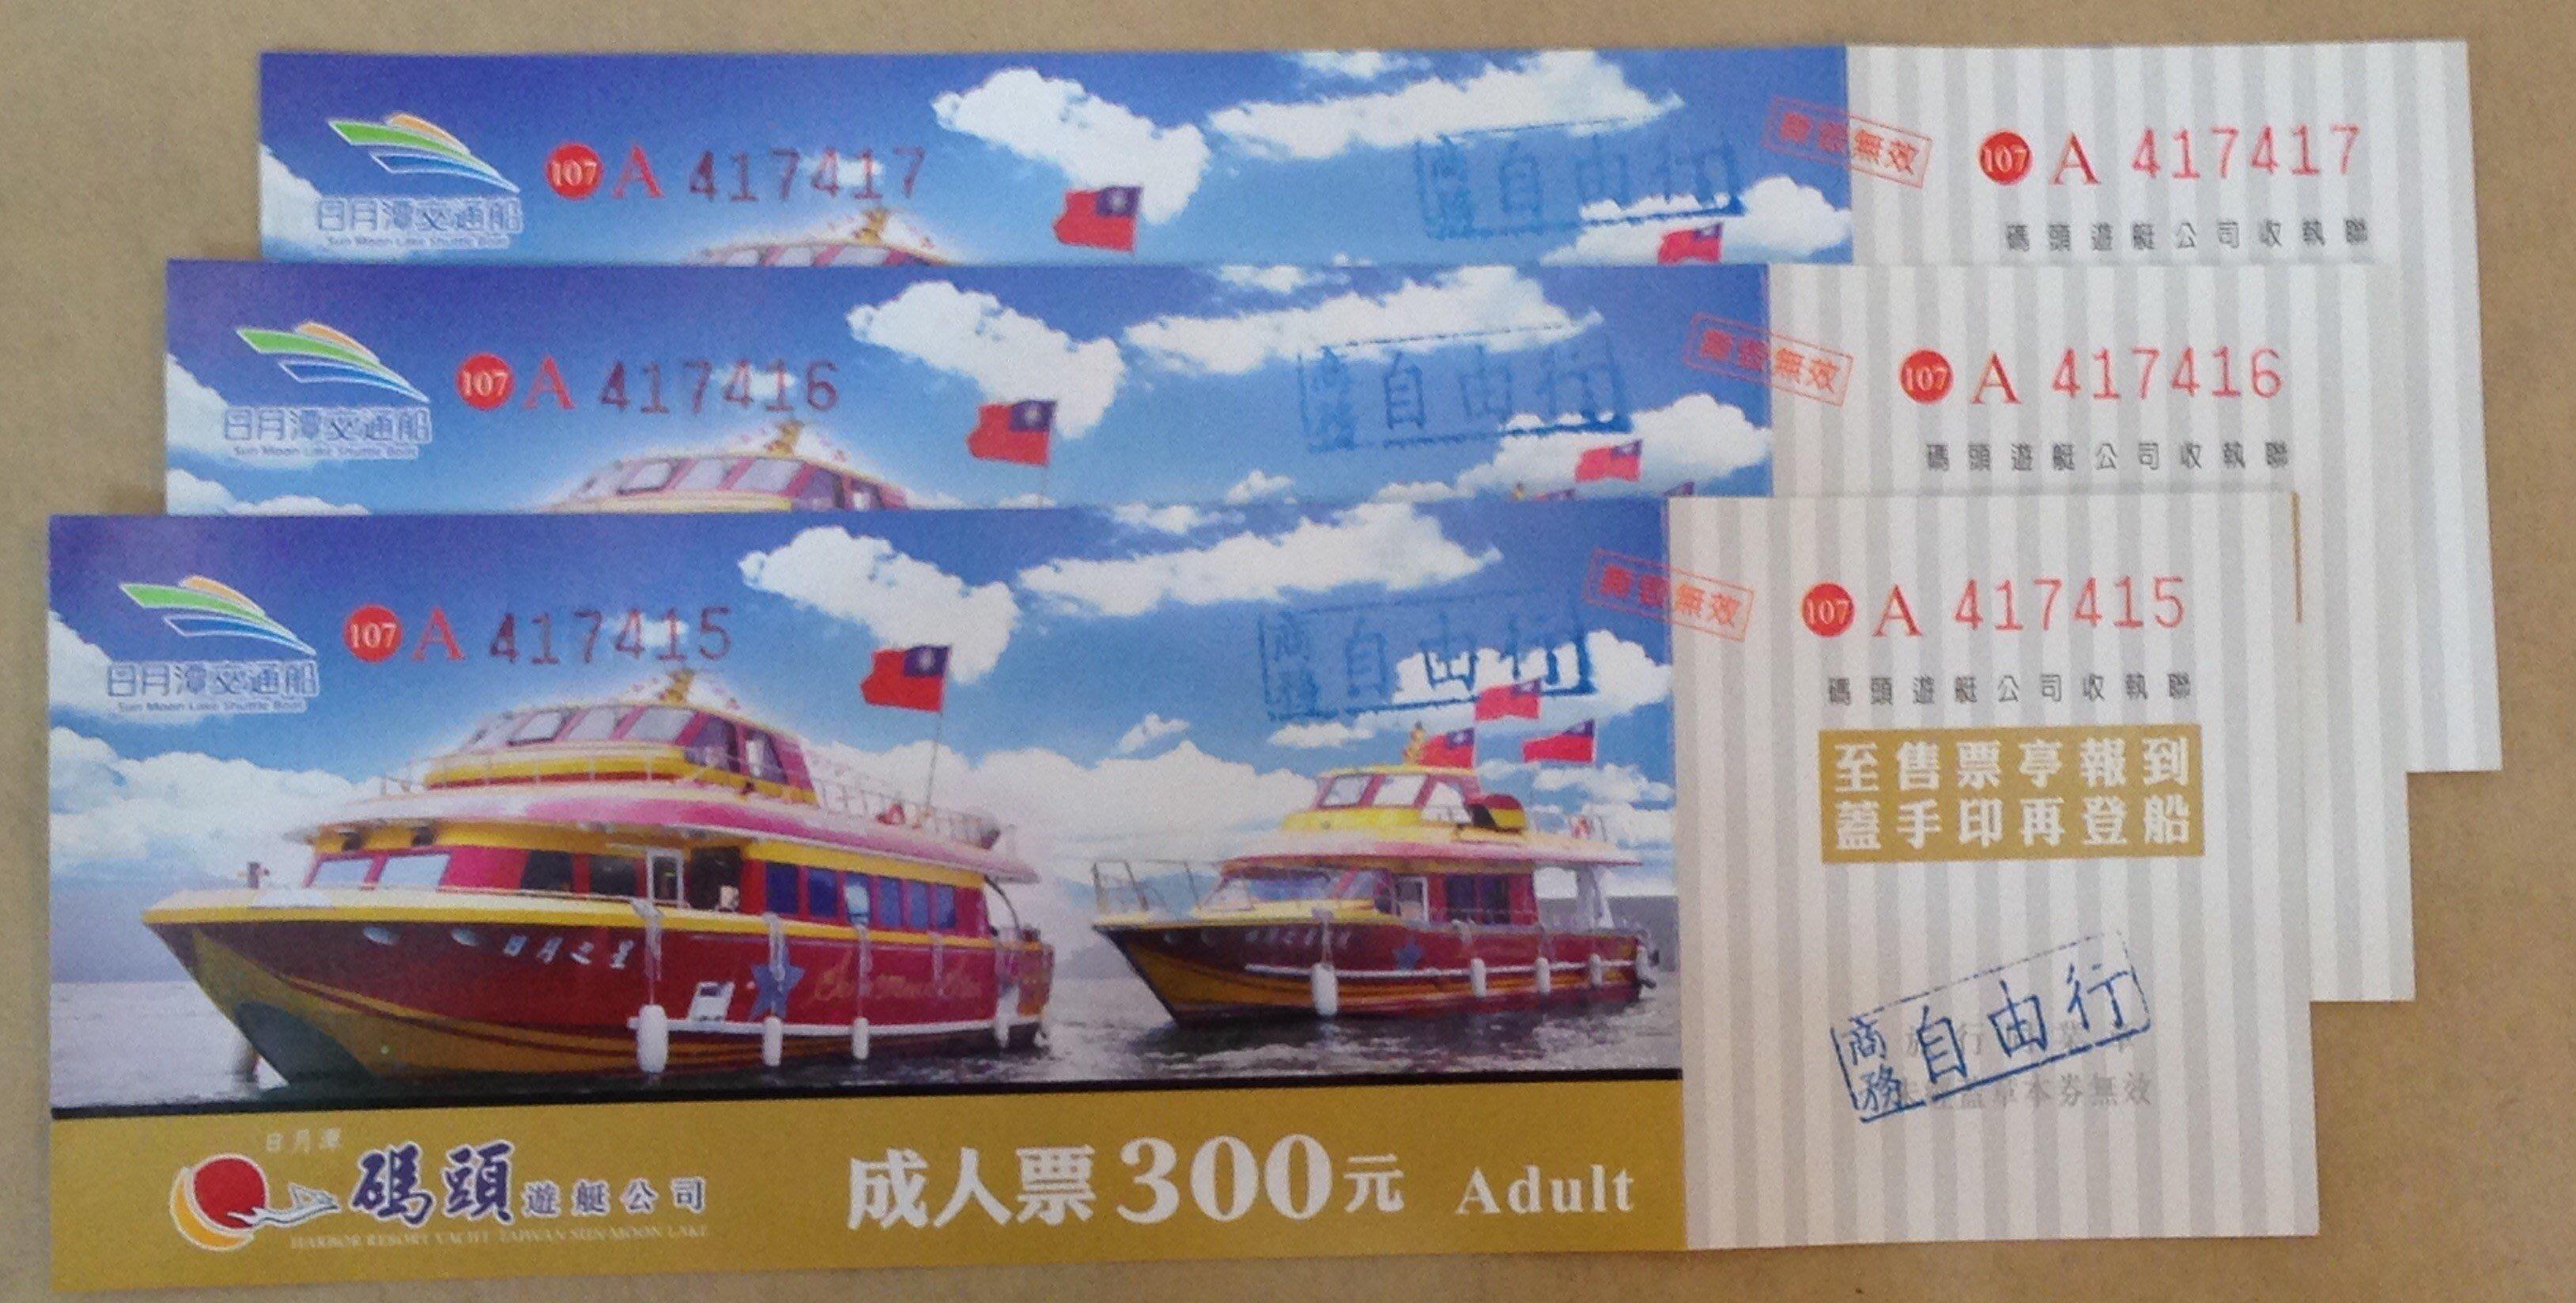 日月潭遊湖船票 [無限暢遊] 成人票3張